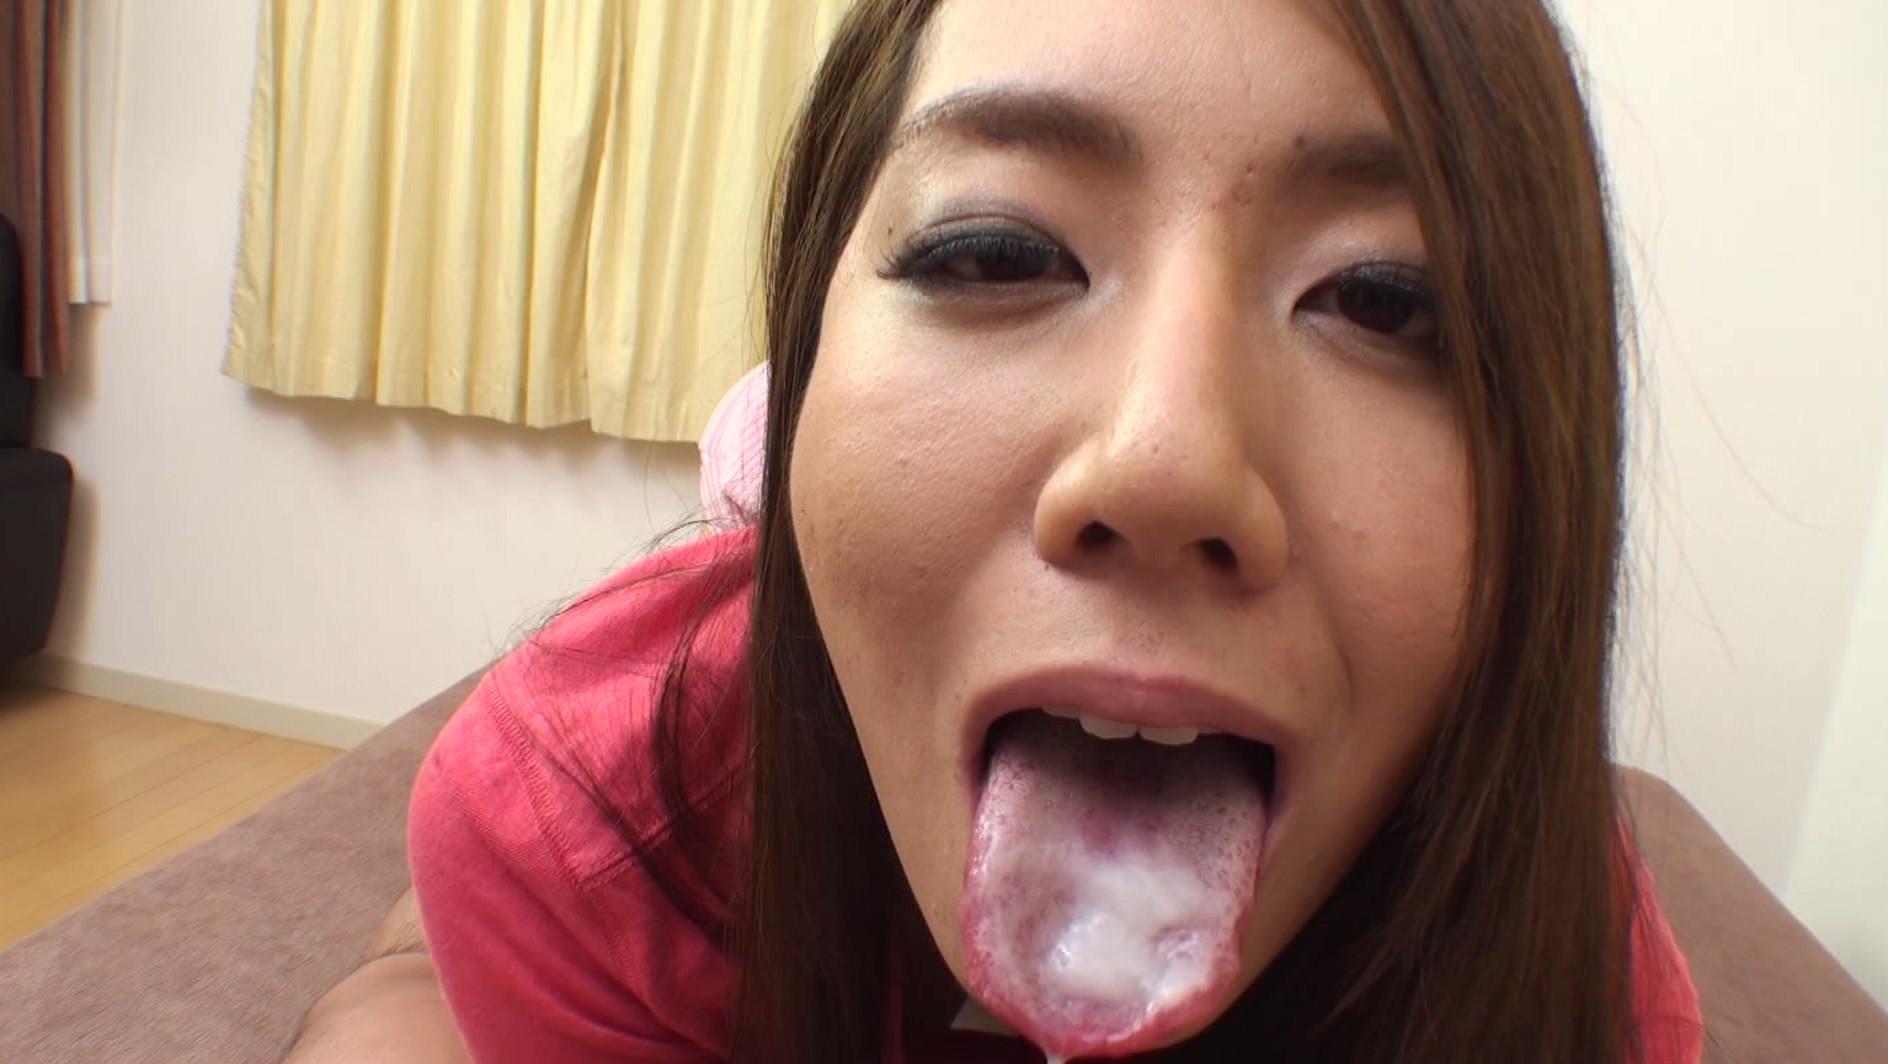 巨乳!!デカ尻!!むっちり豊満淫女の肉感フェラチオ50連発4時間 vol.2-2